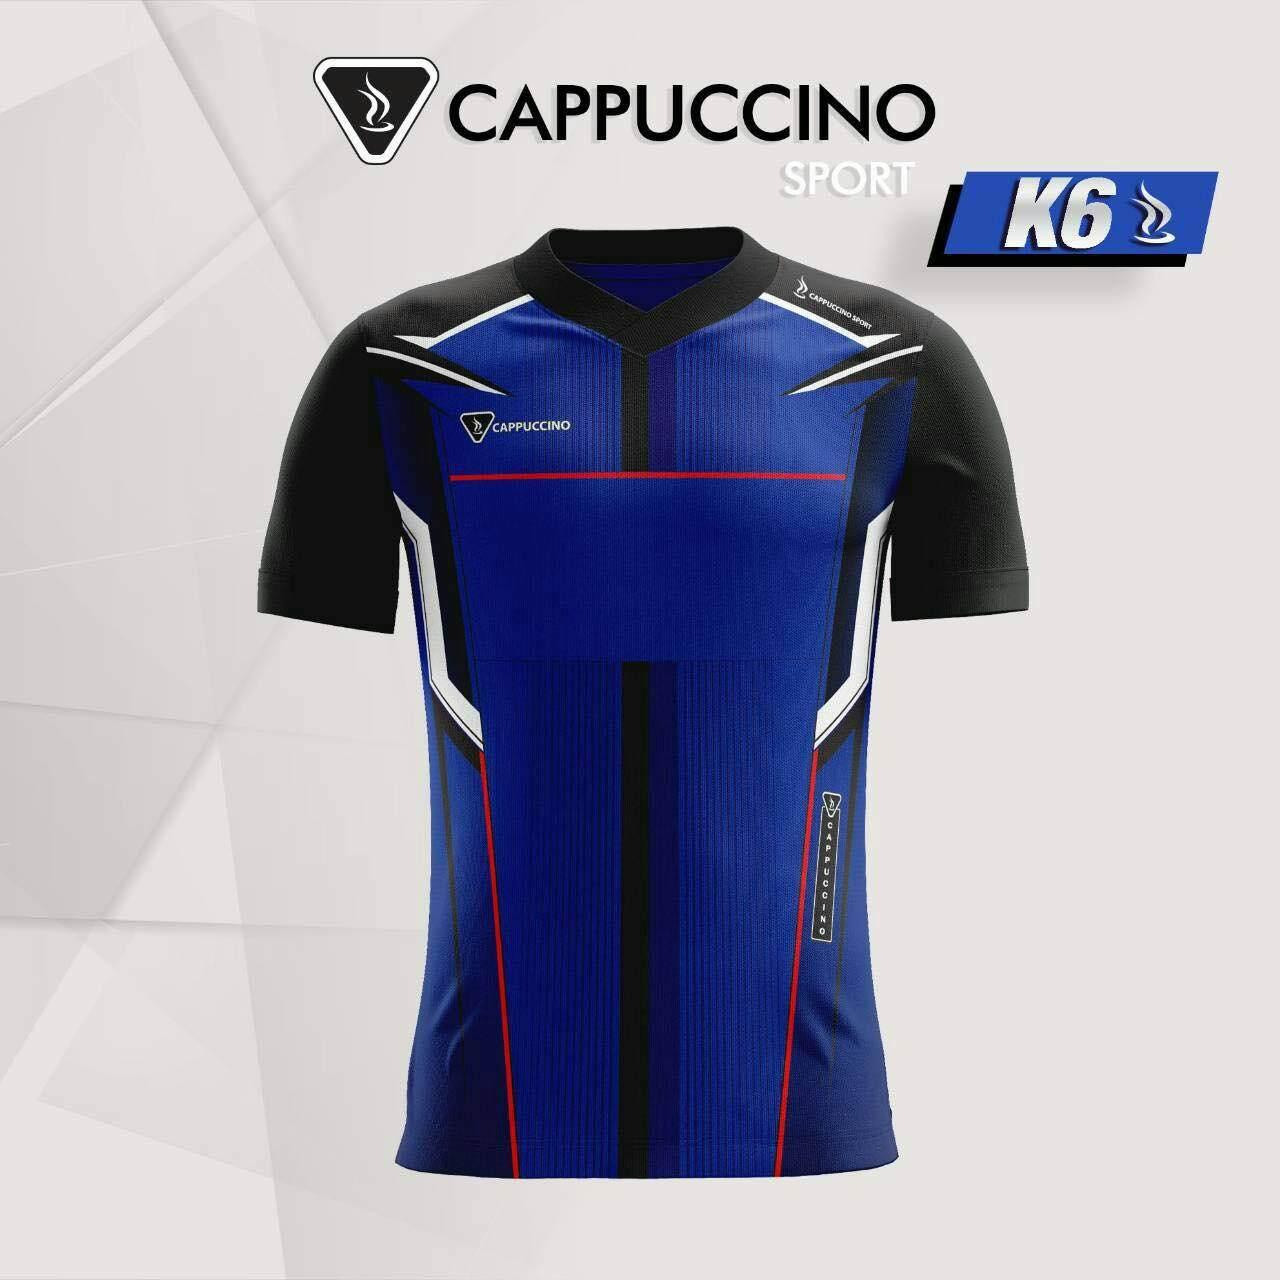 เสื้อกีฬา ยี่ห้อ Cappuccino Sport K6 (พร้อมสกรีนฟรี ชื่อทีมเบอร์ 10 ตัวขึนไป) By Narinjidee.